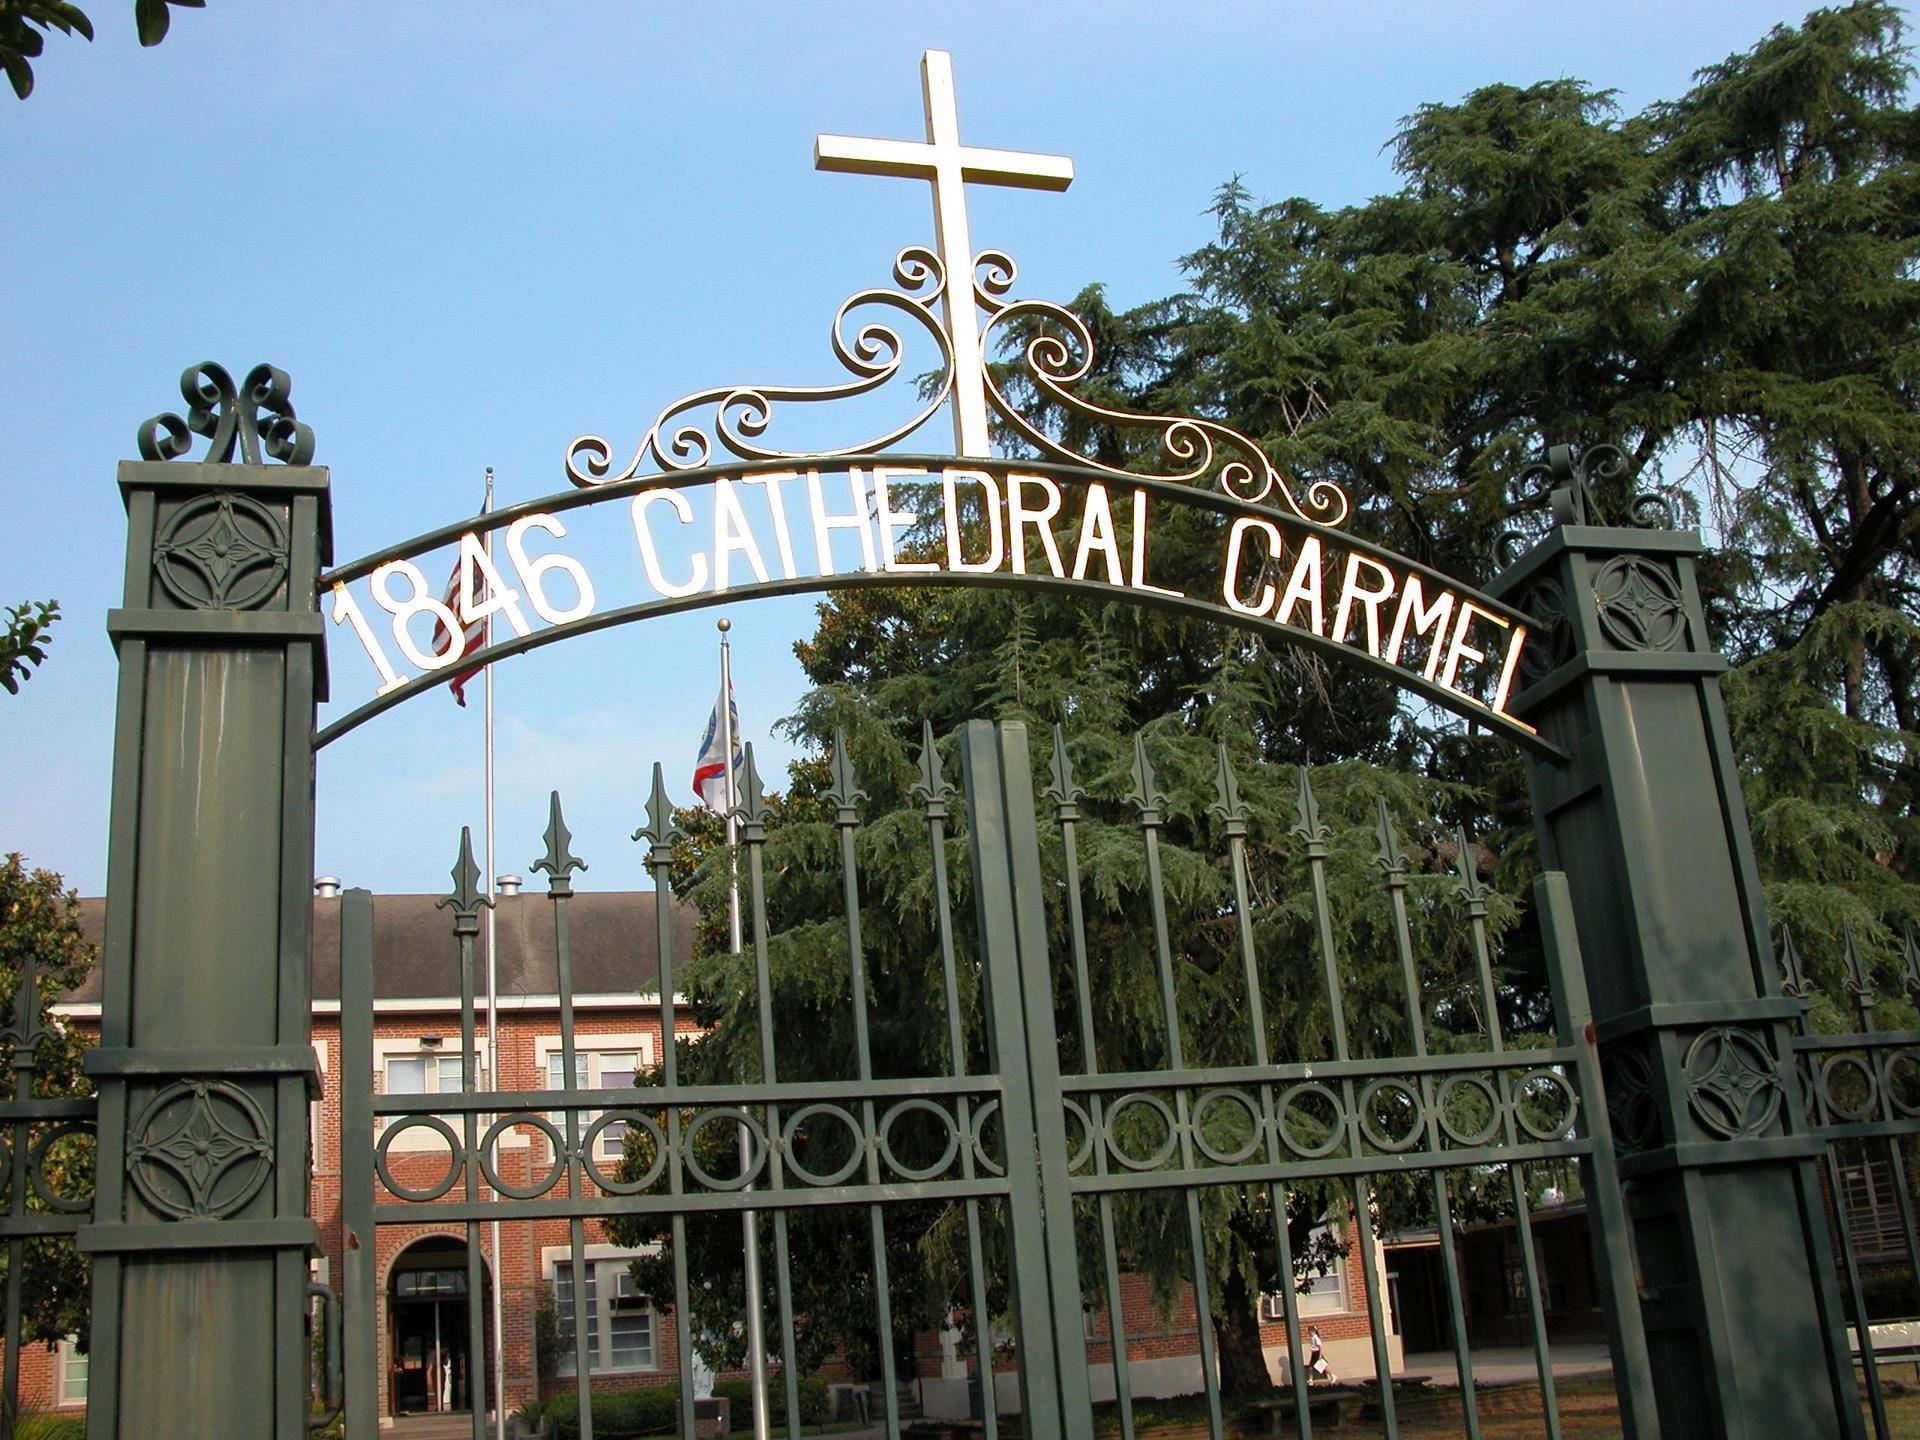 CCS Gate